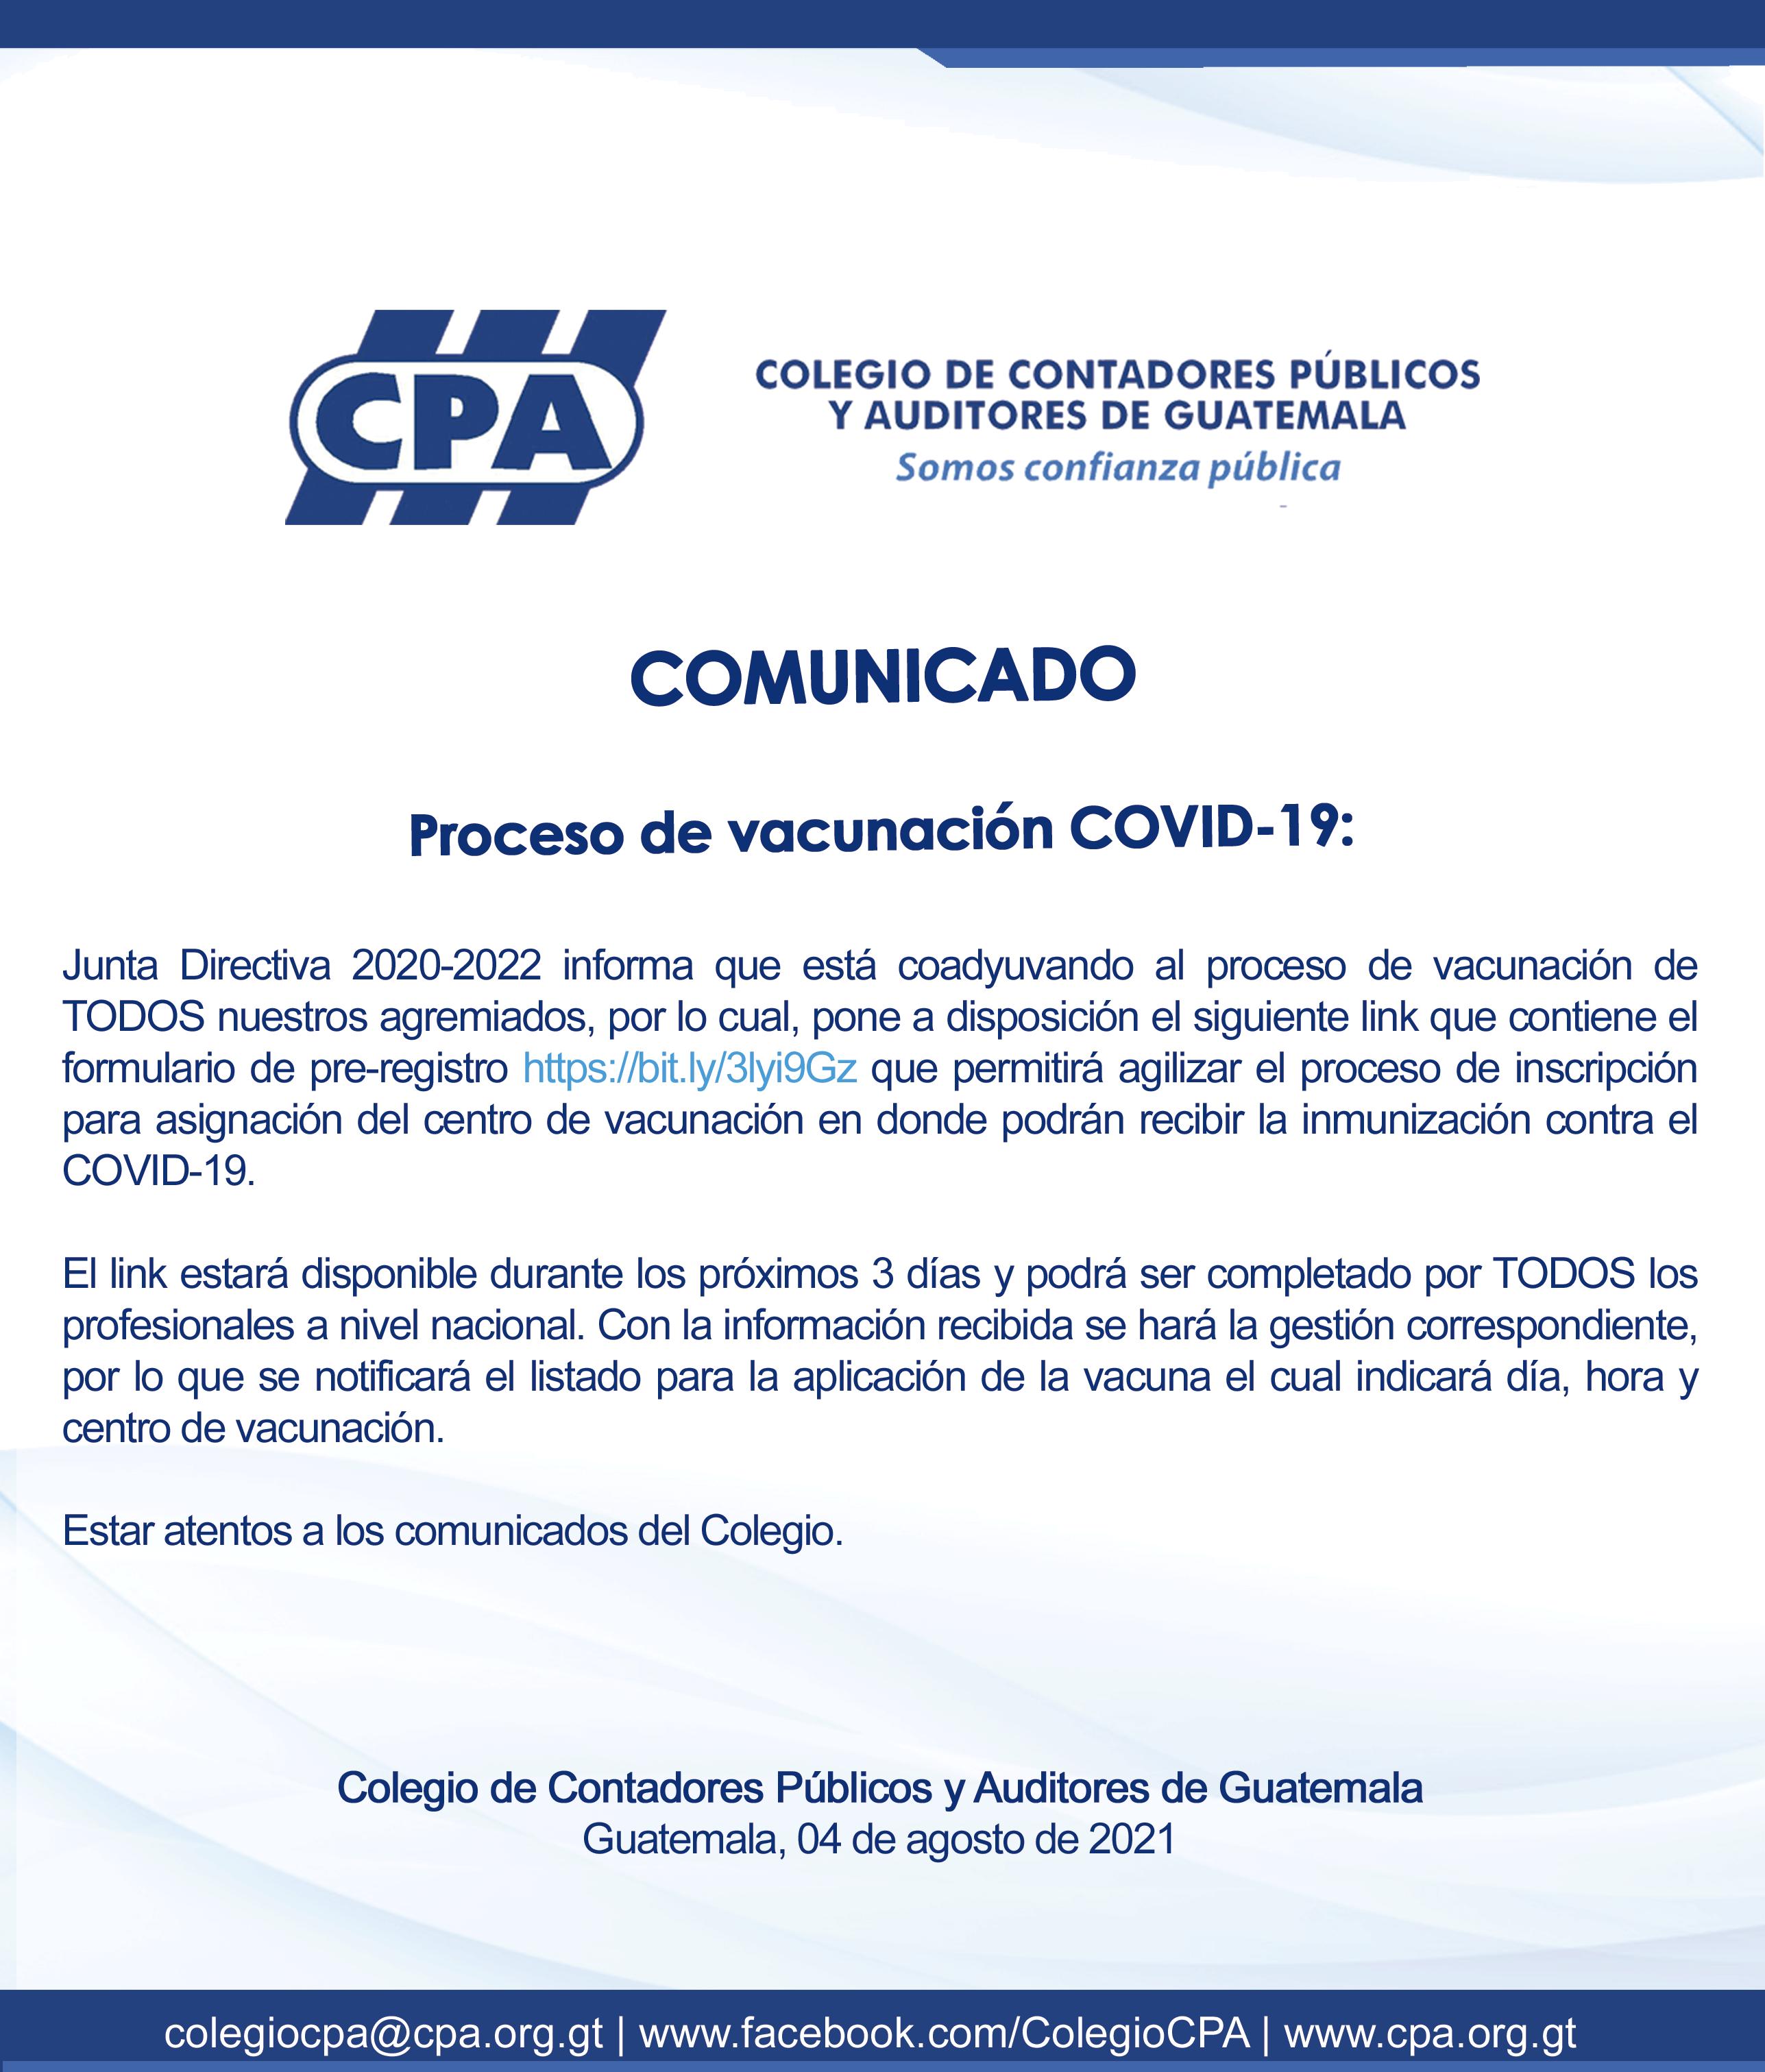 PROCESO DE VACUNACION PARA PROFESIONALES UNIVERSITARIOS